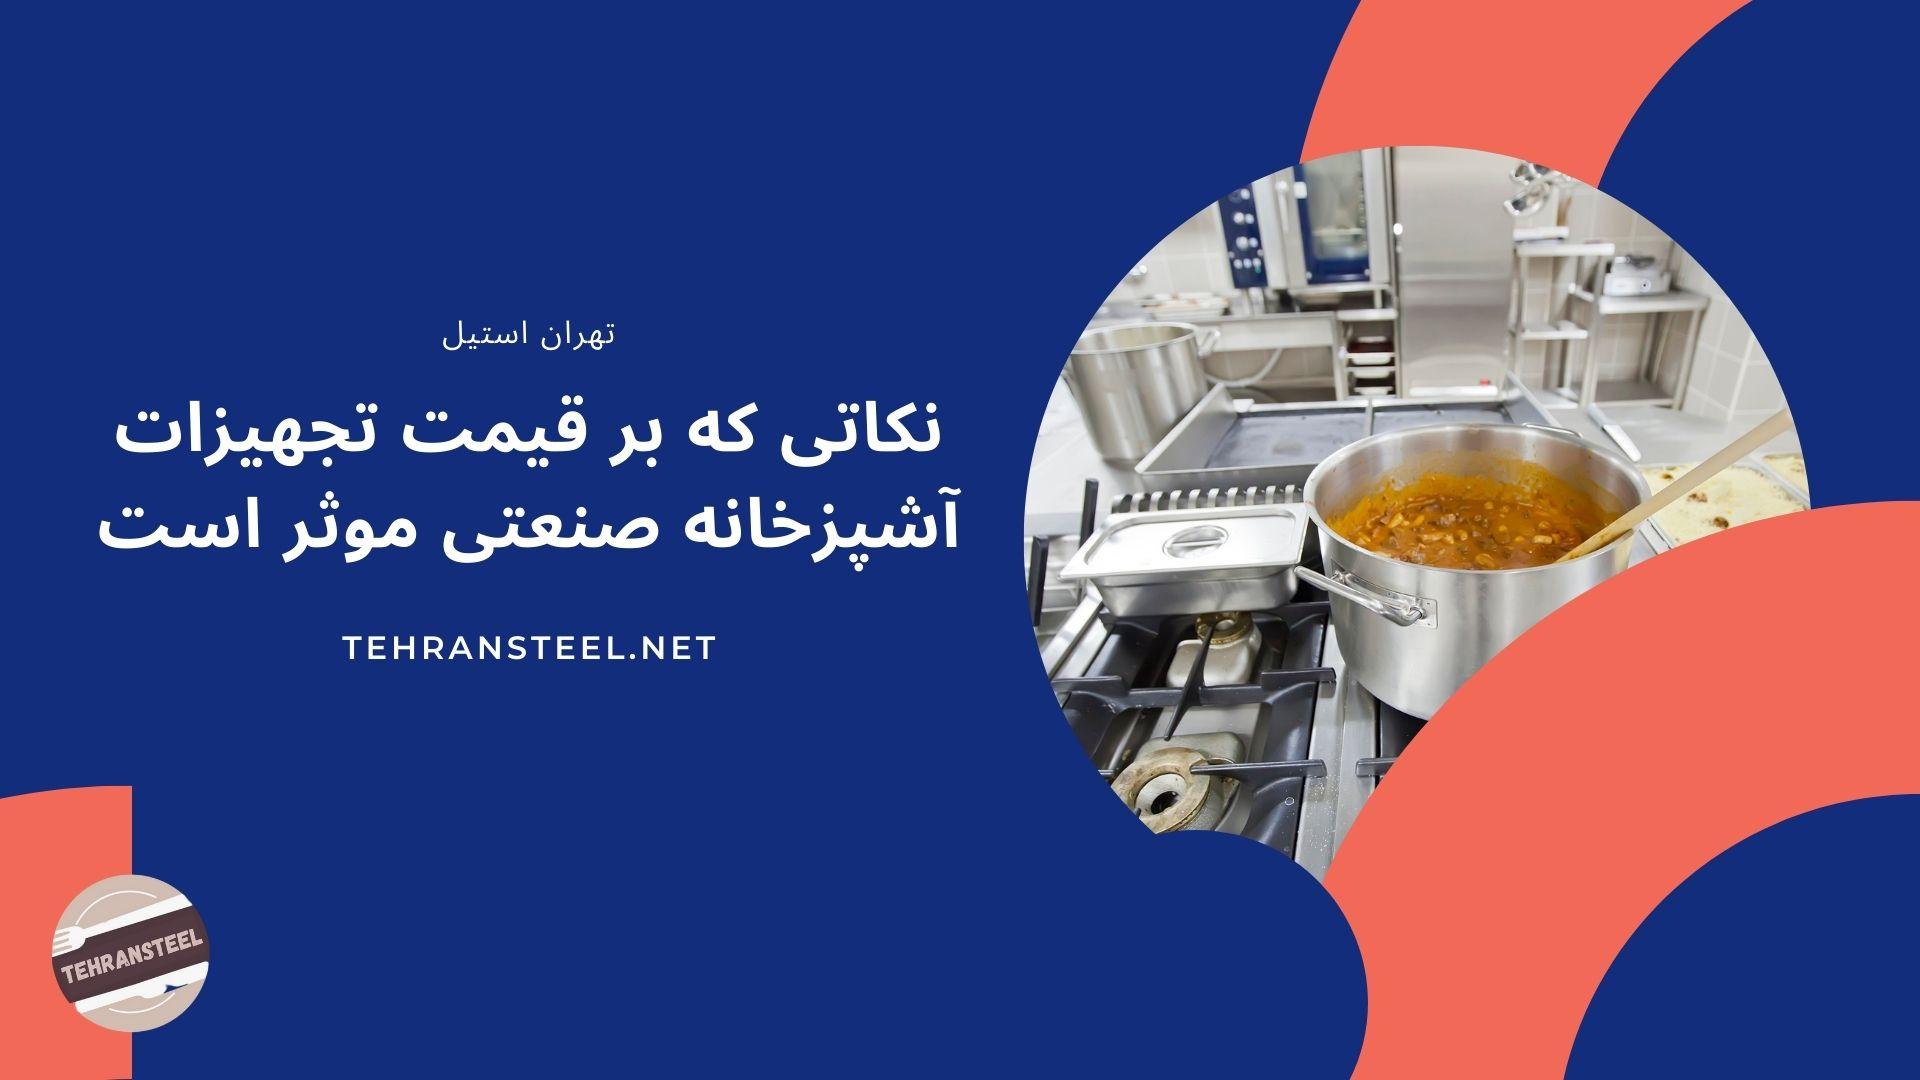 نکاتی که بر قیمت تجهیزات آشپزخانه صنعتی موثر است